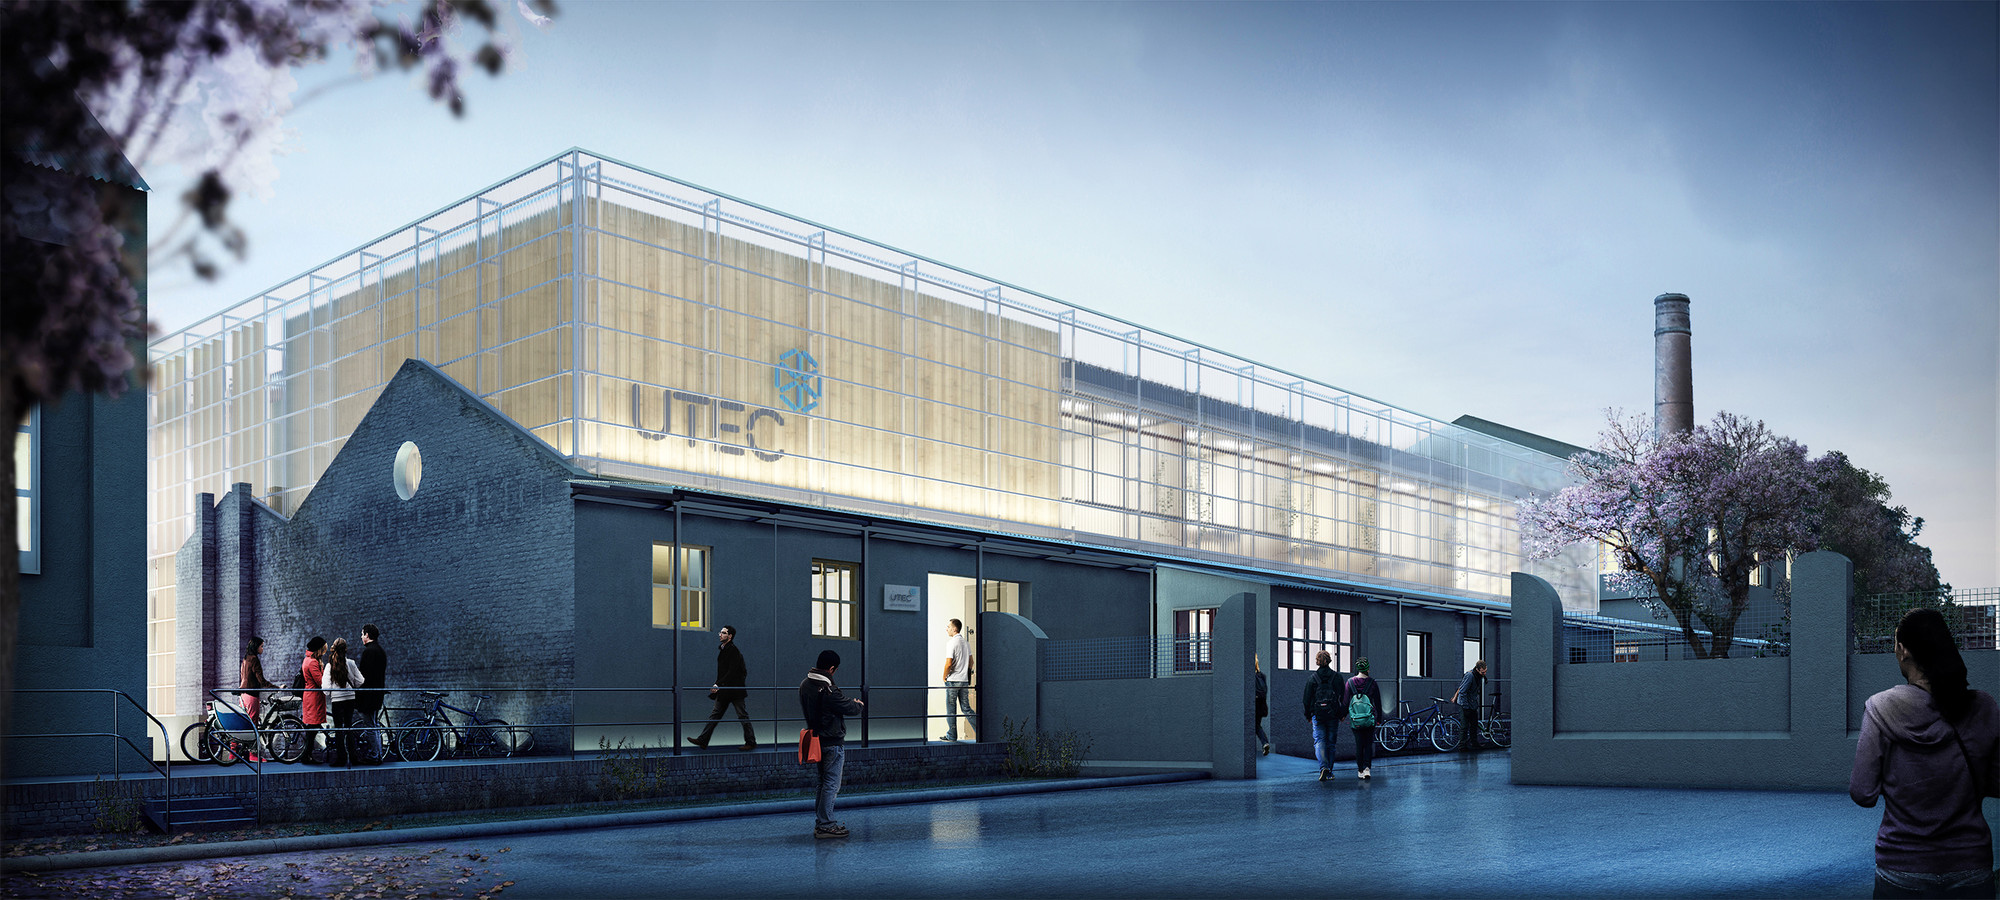 Utec tag plataforma arquitectura for Edificios educativos arquitectura